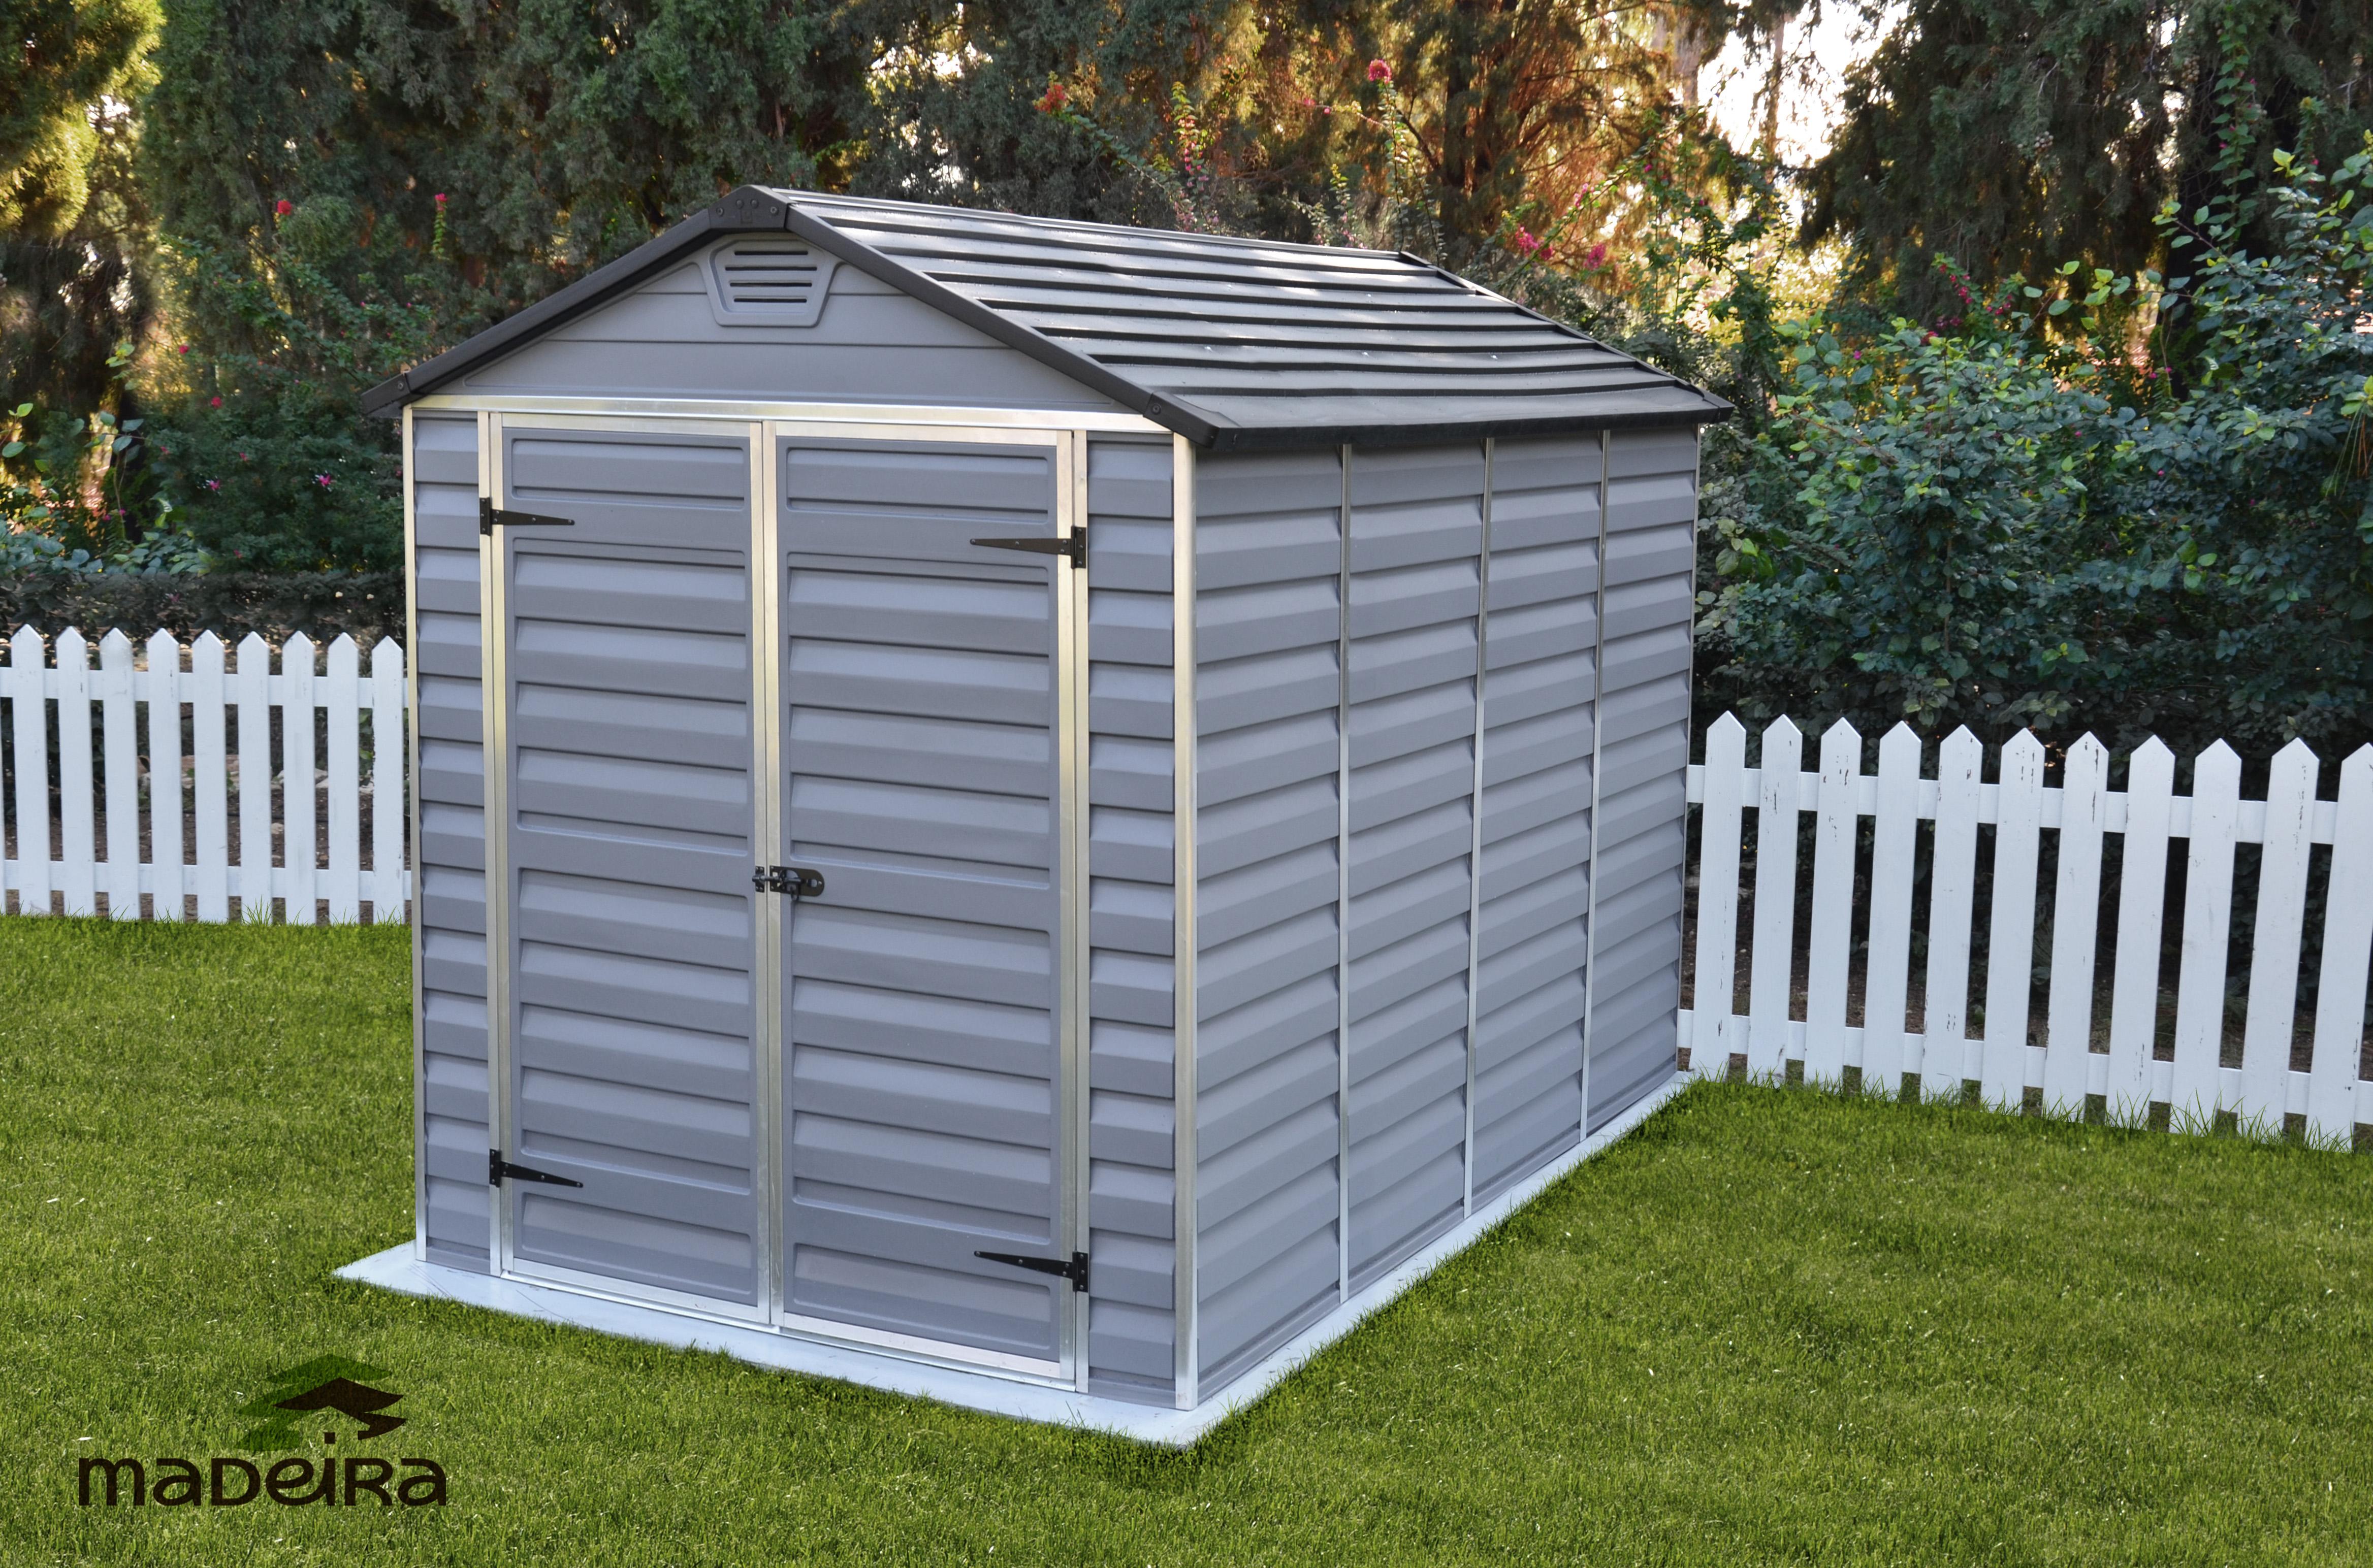 Abri andy en r sine polycarbonate avec plancher for Abri de jardin autoclave avec plancher